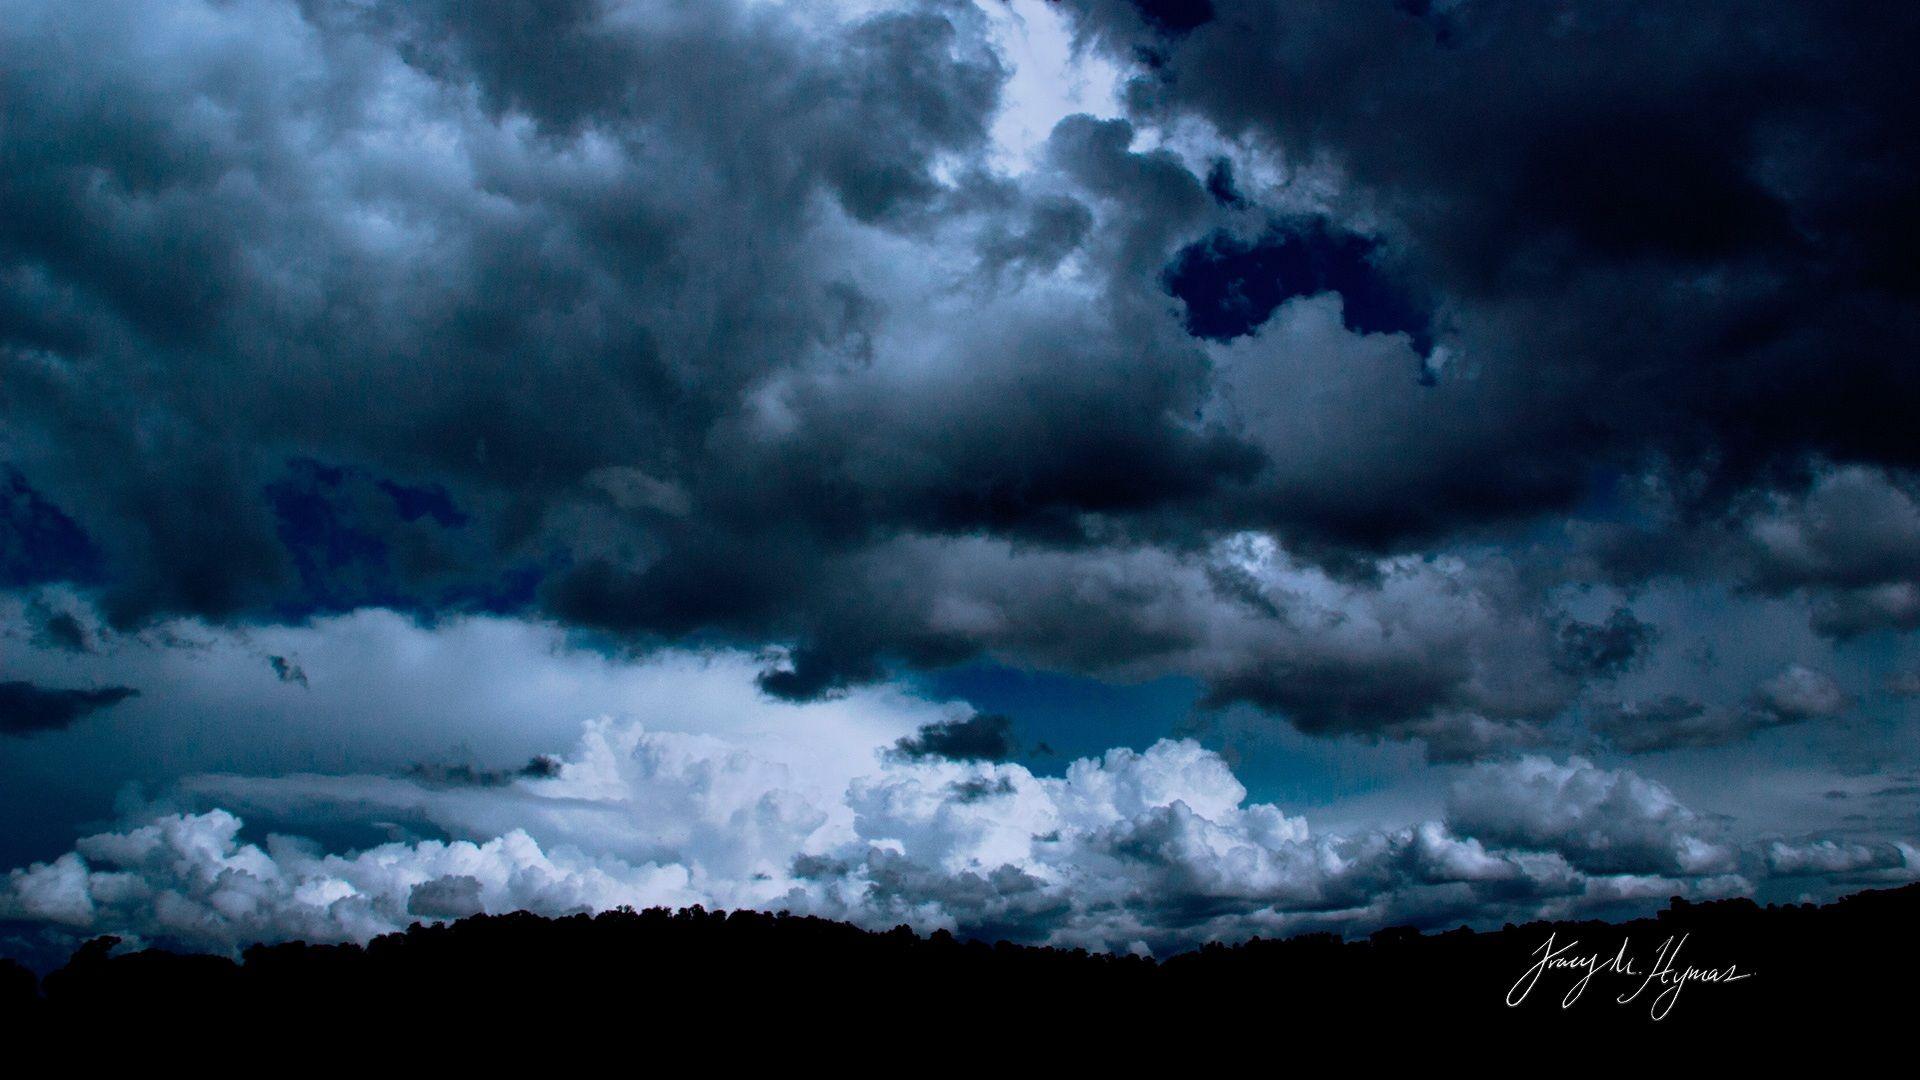 Dark-Sky-Wallpapers-3.jpg (Imagen JPEG, 1920 × 1080